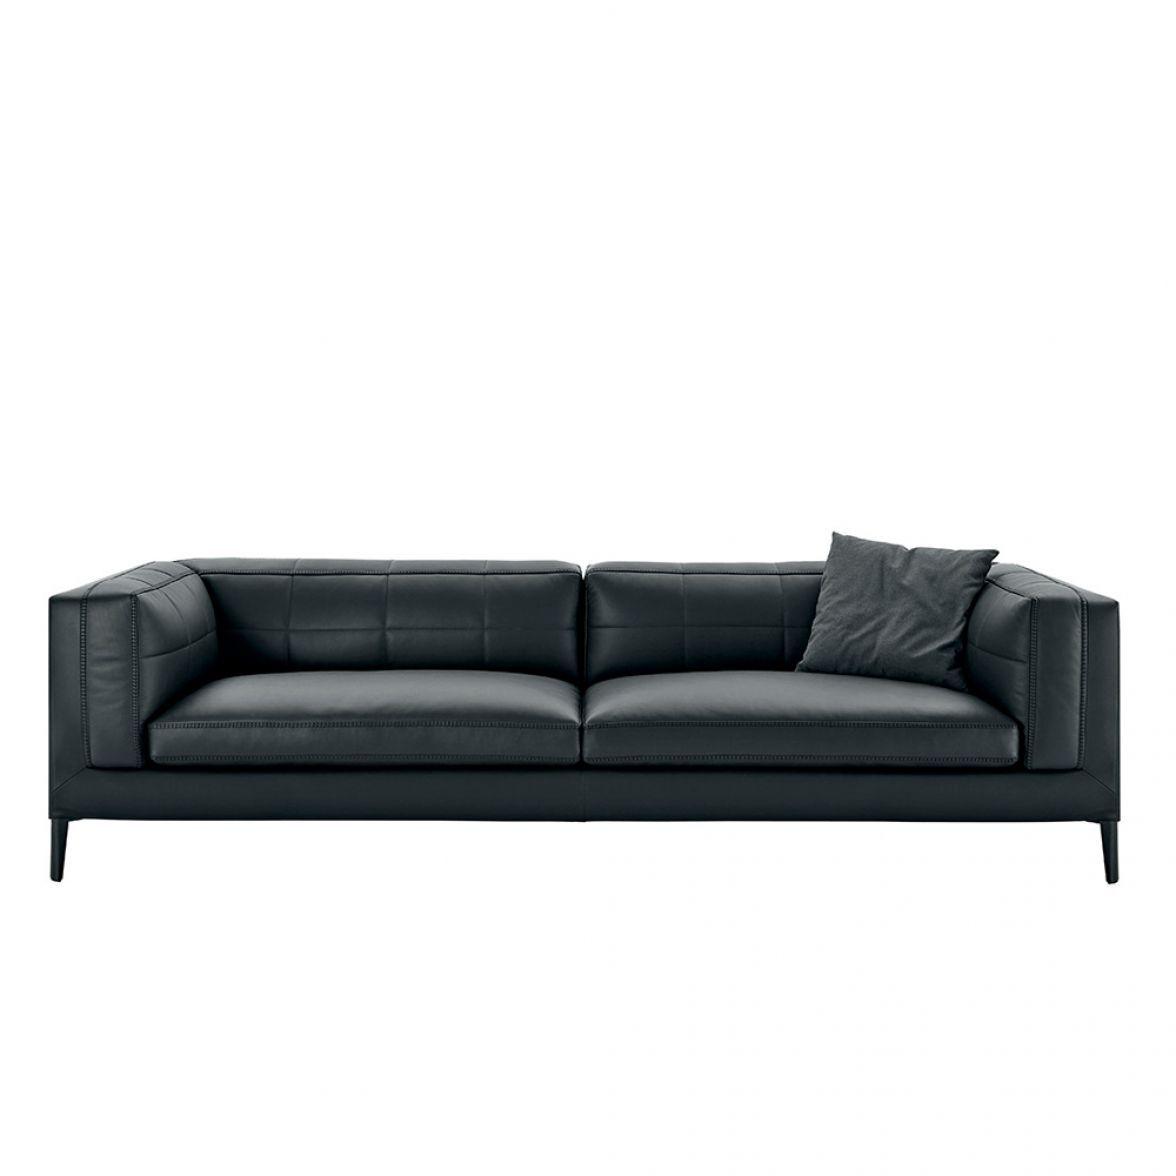 Dives sofa